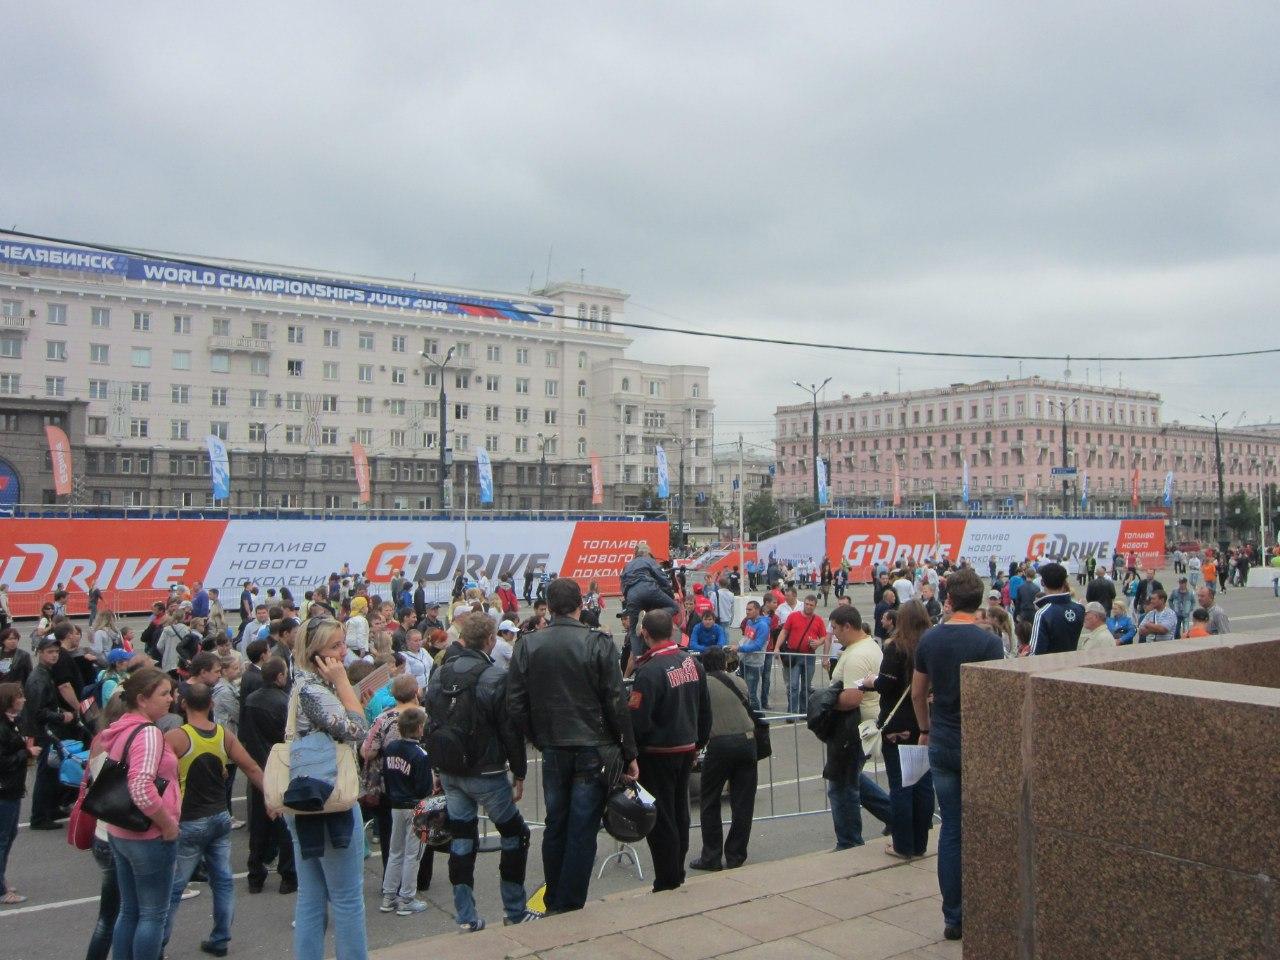 Трибуны G-Drive Show наплощади Революции (Челябинск, 3.08.2014)